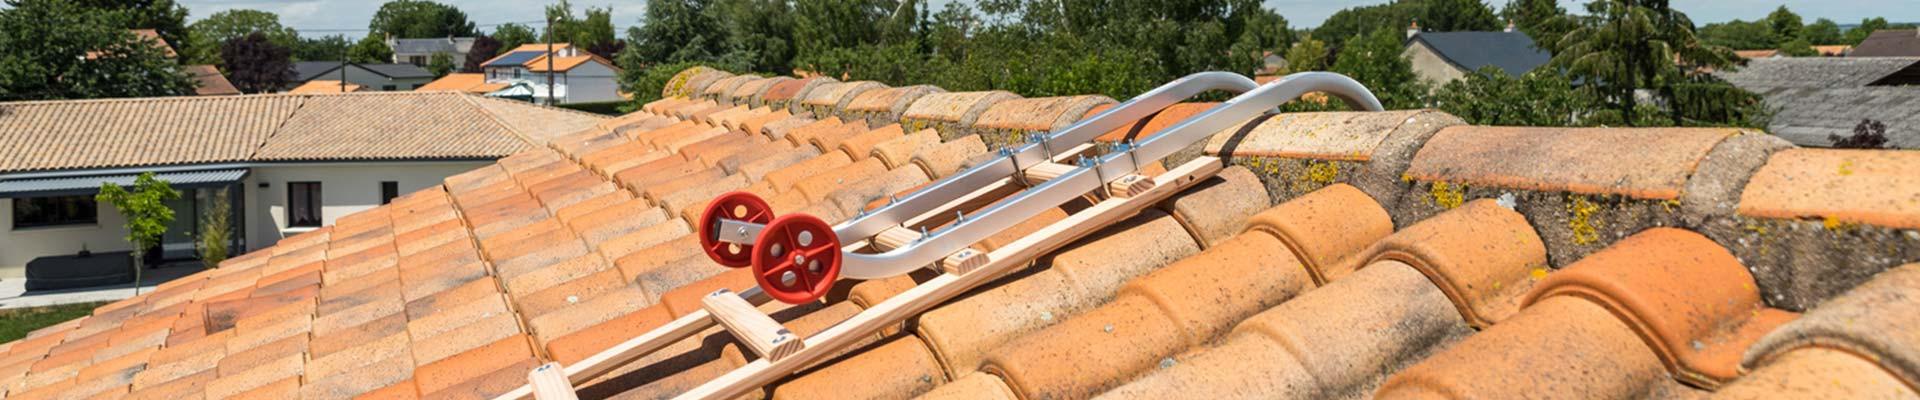 Echelle de toit en bois Hailo | Livraison Rapide à Domicile